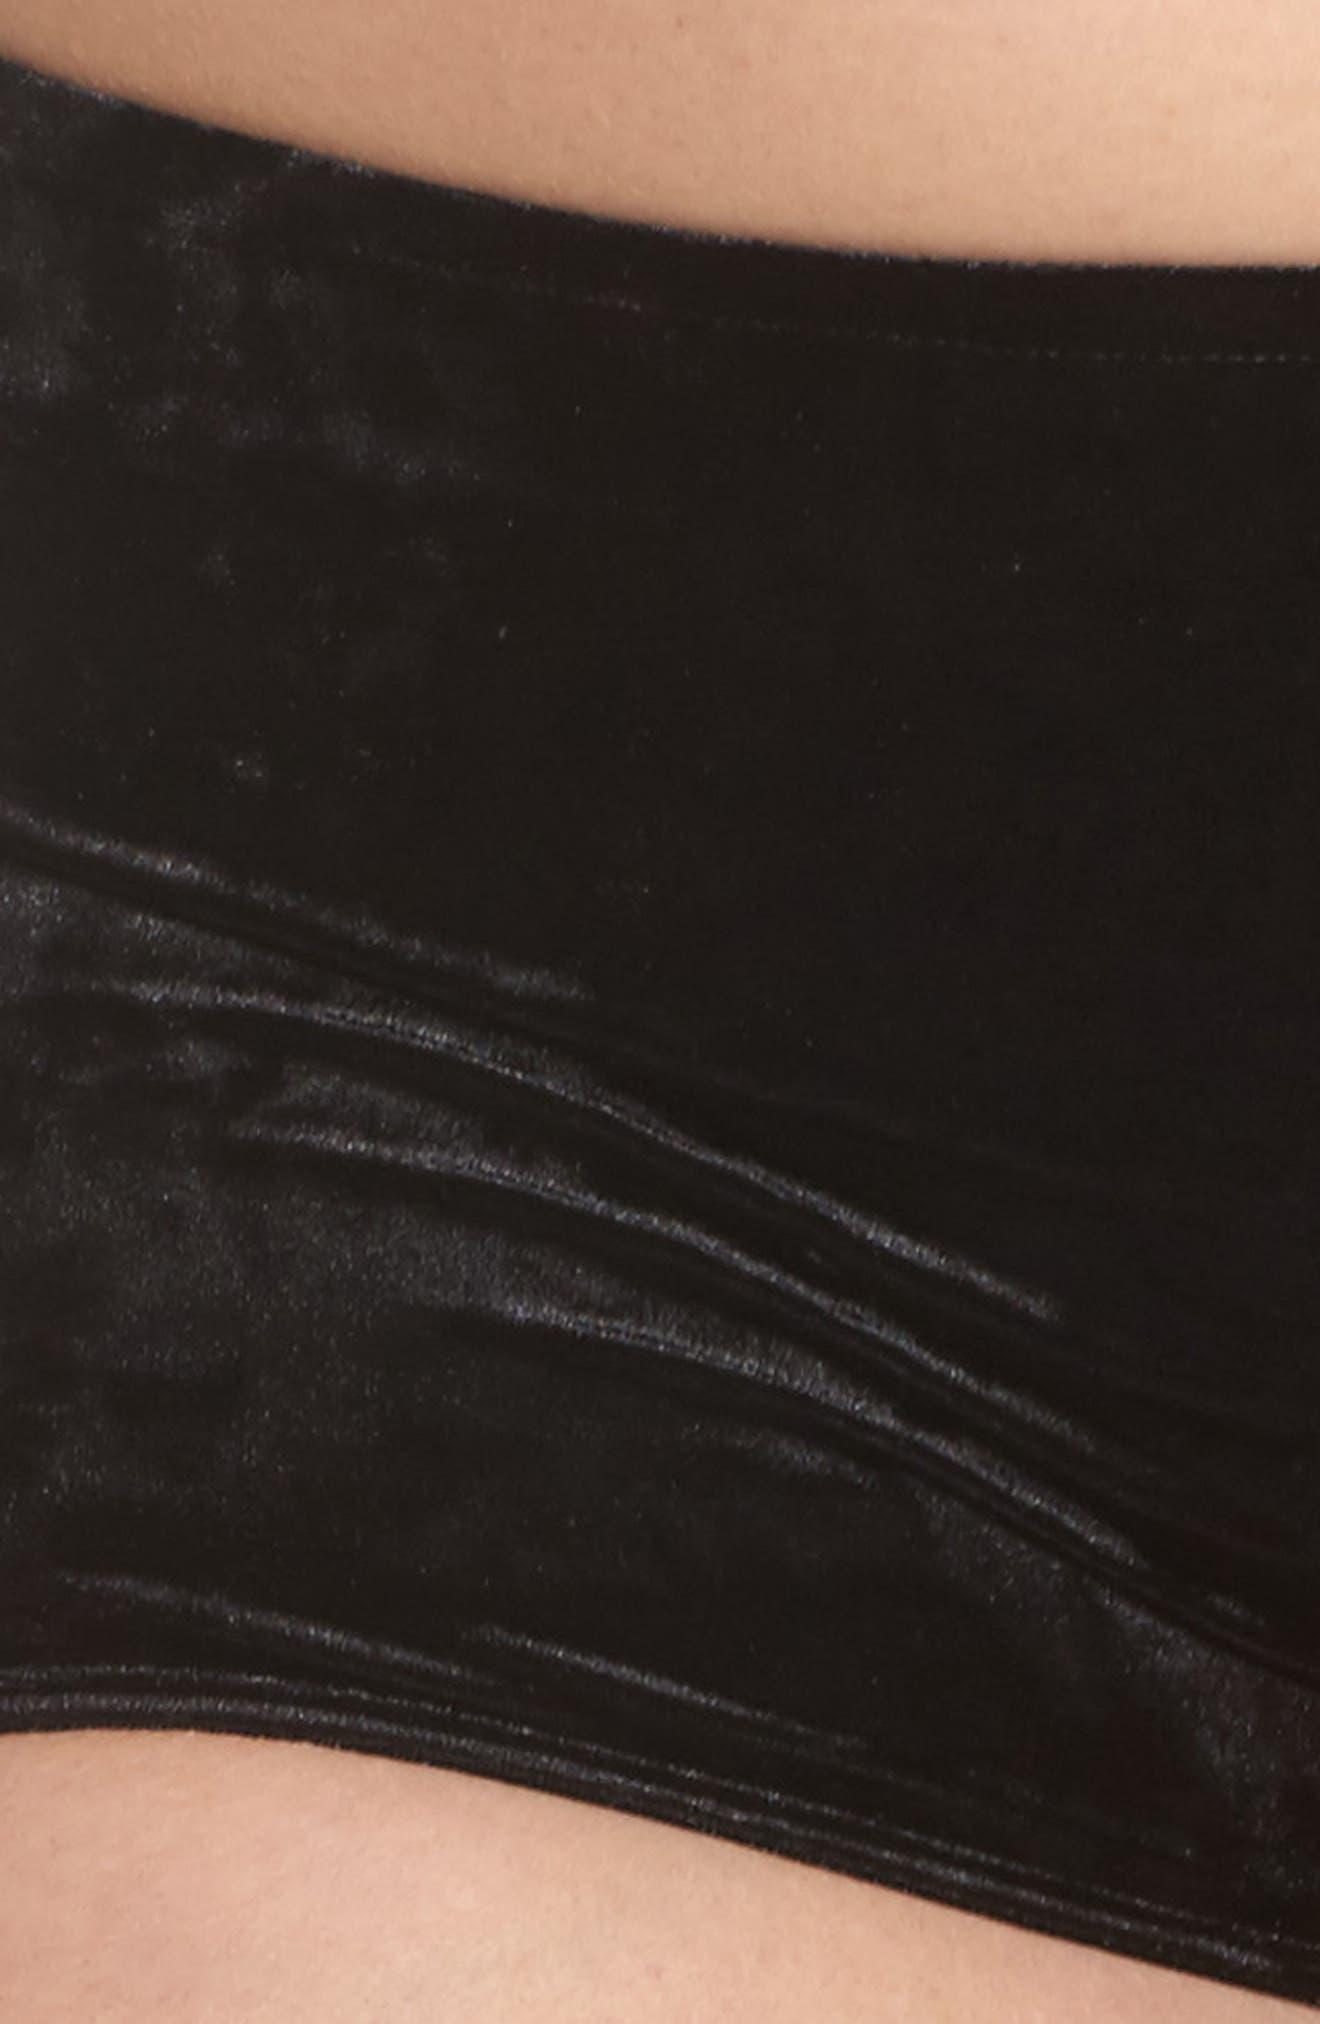 Velvet Hipster Briefs,                             Alternate thumbnail 4, color,                             001